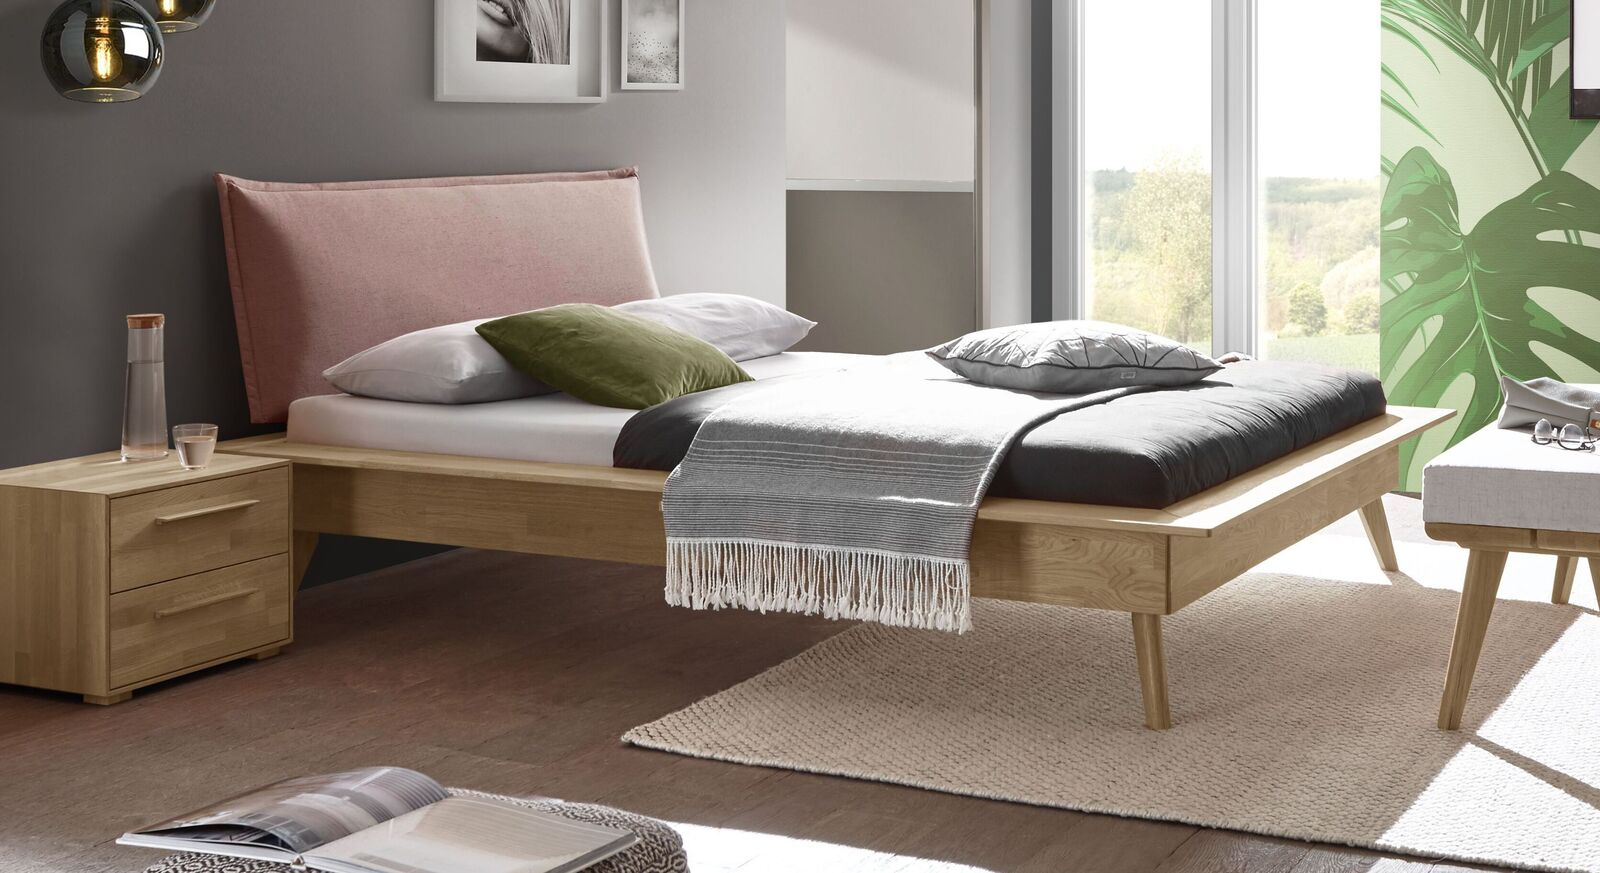 Trendiges Bett Casevio mit rosefarbenem Kopfteil